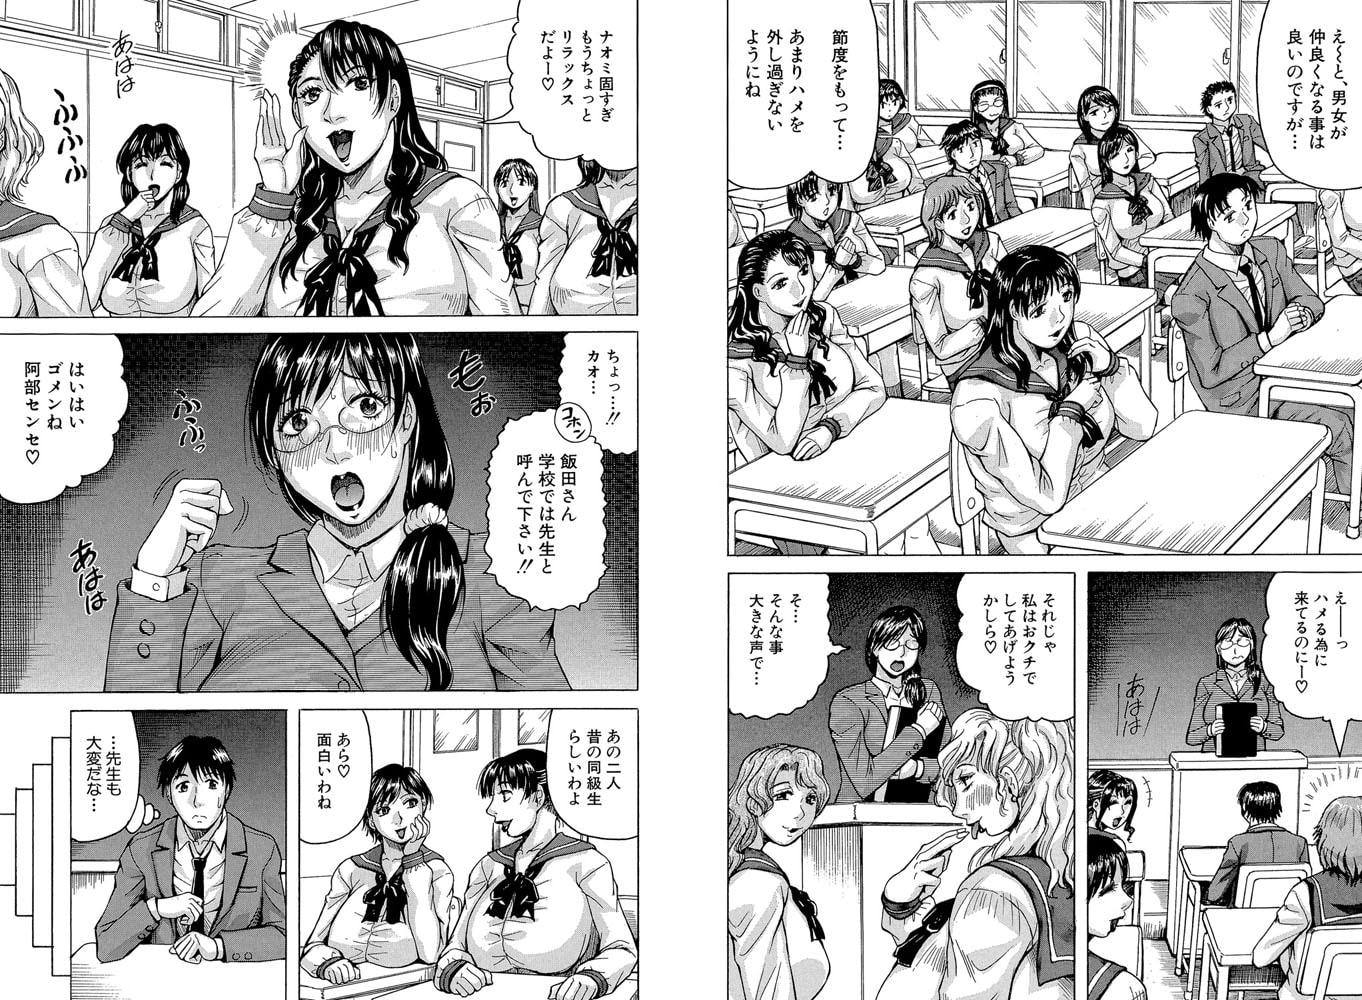 熟女学園 ~クラスメイトは全員熟女~【1話体験版付き】